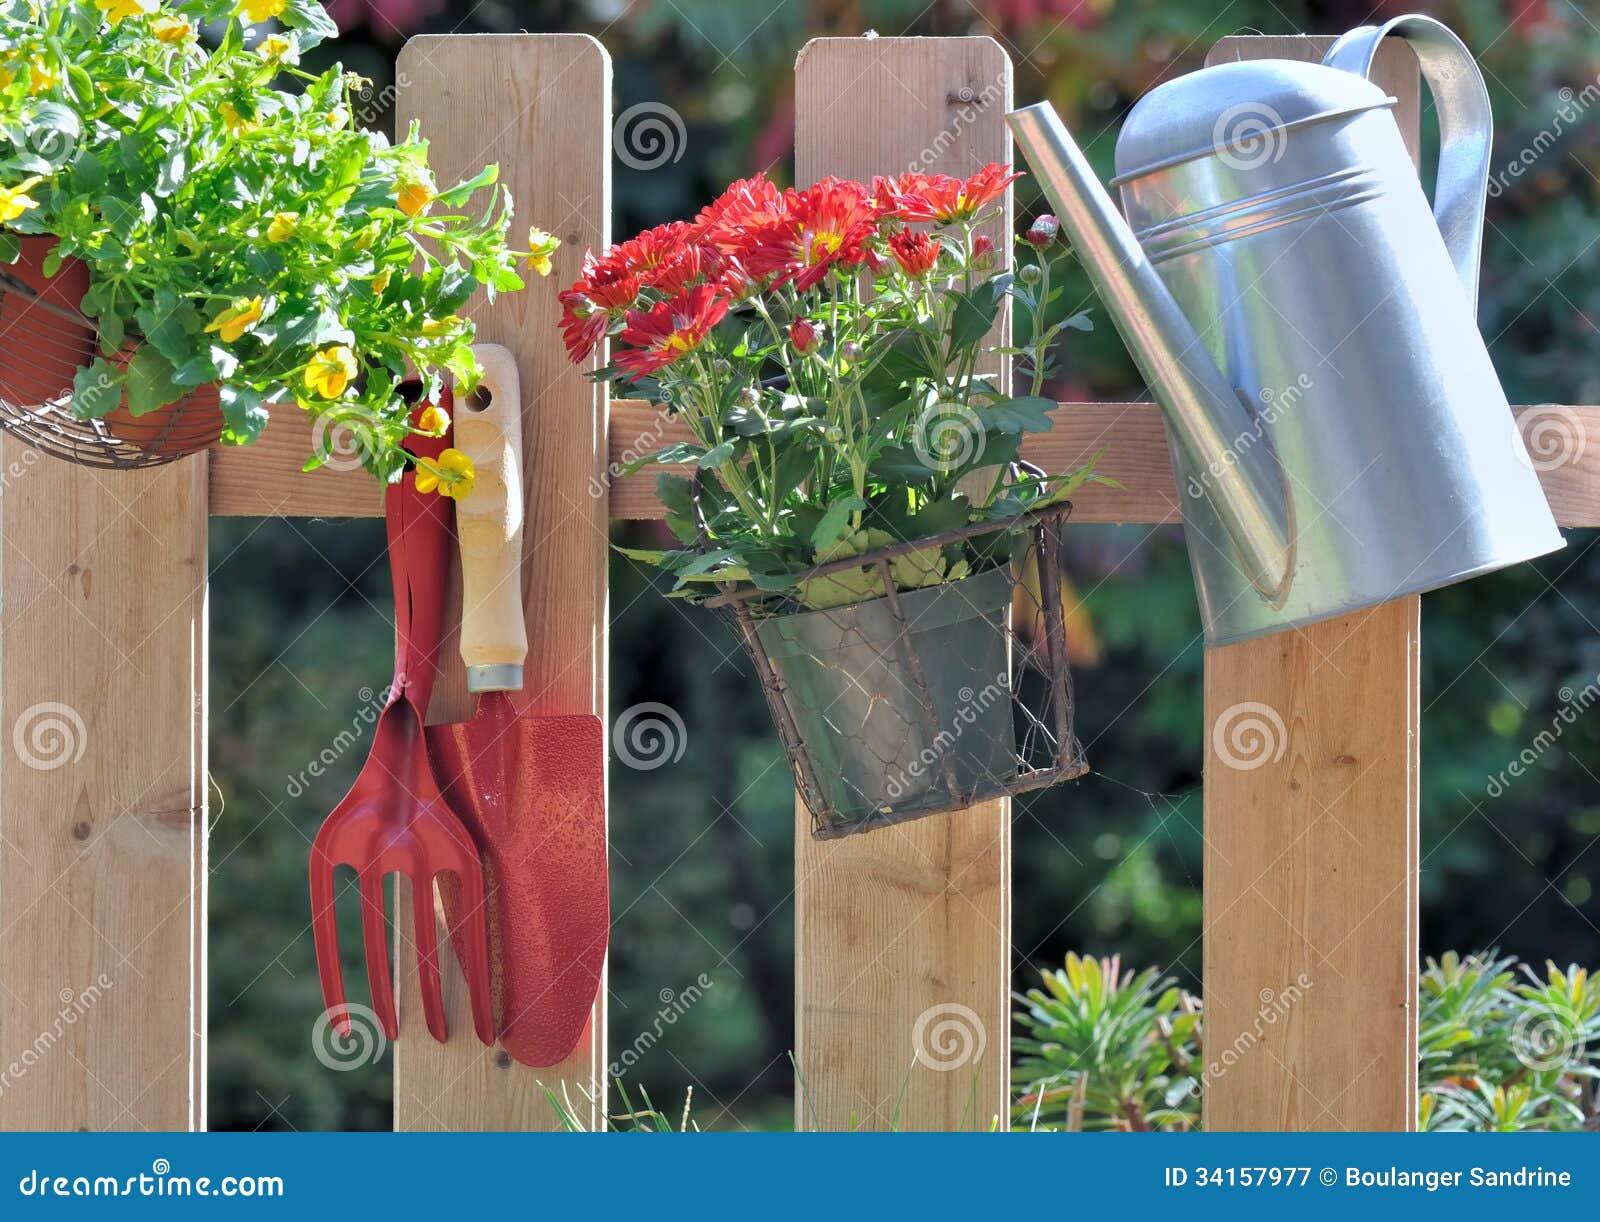 Fleurs automnales et accessoires de jardinage photographie - Accessoire de jardinage ...